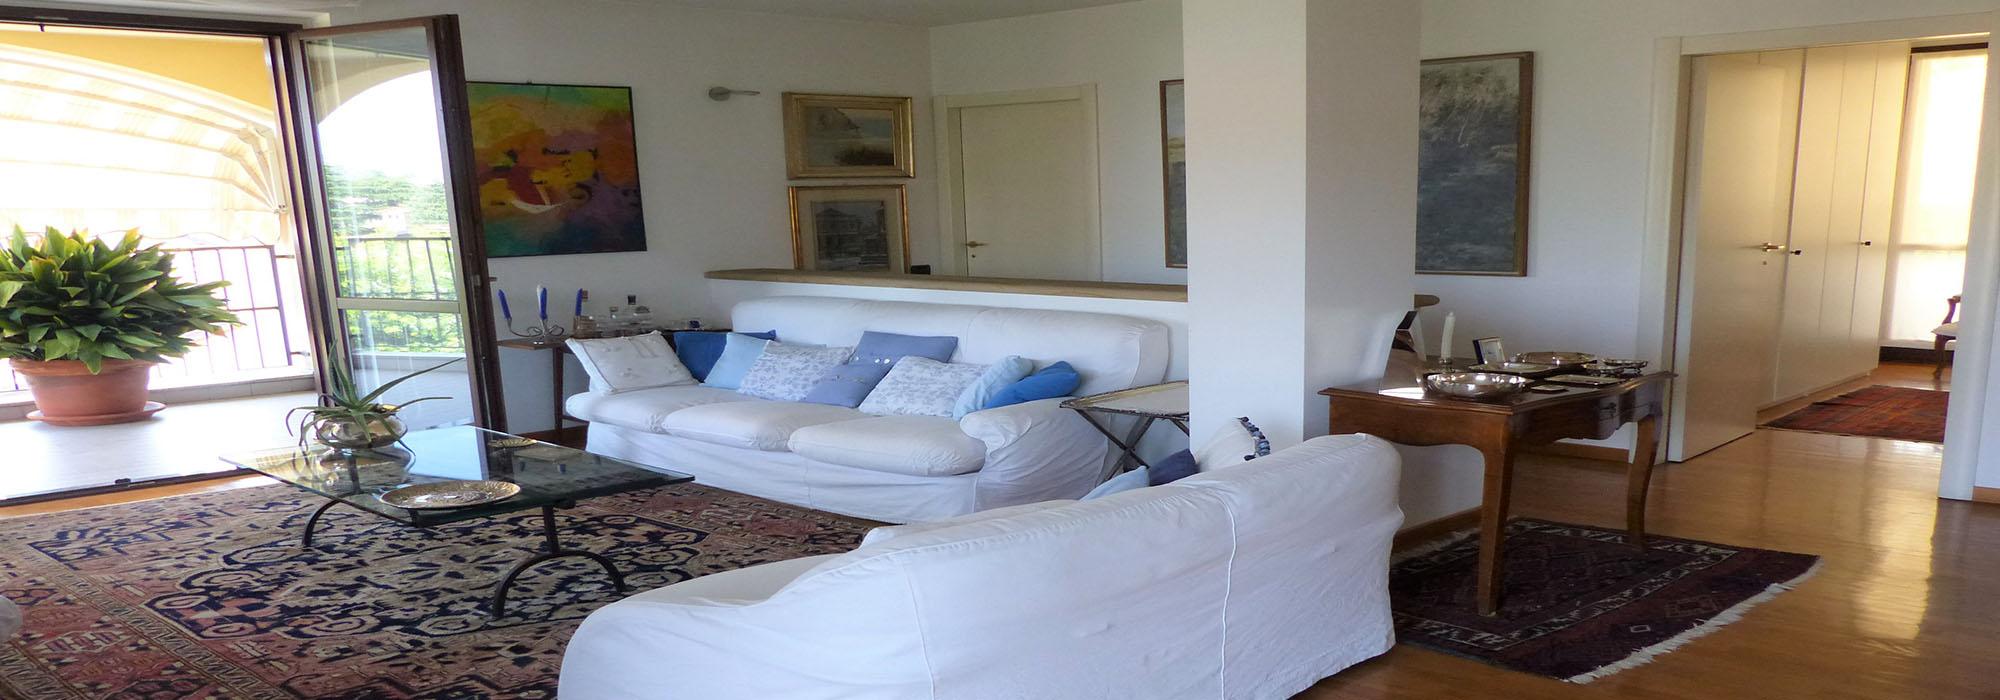 BIASSONO (MB), appartamento bi-livello di 4 locali tripli servizi con terrazzo